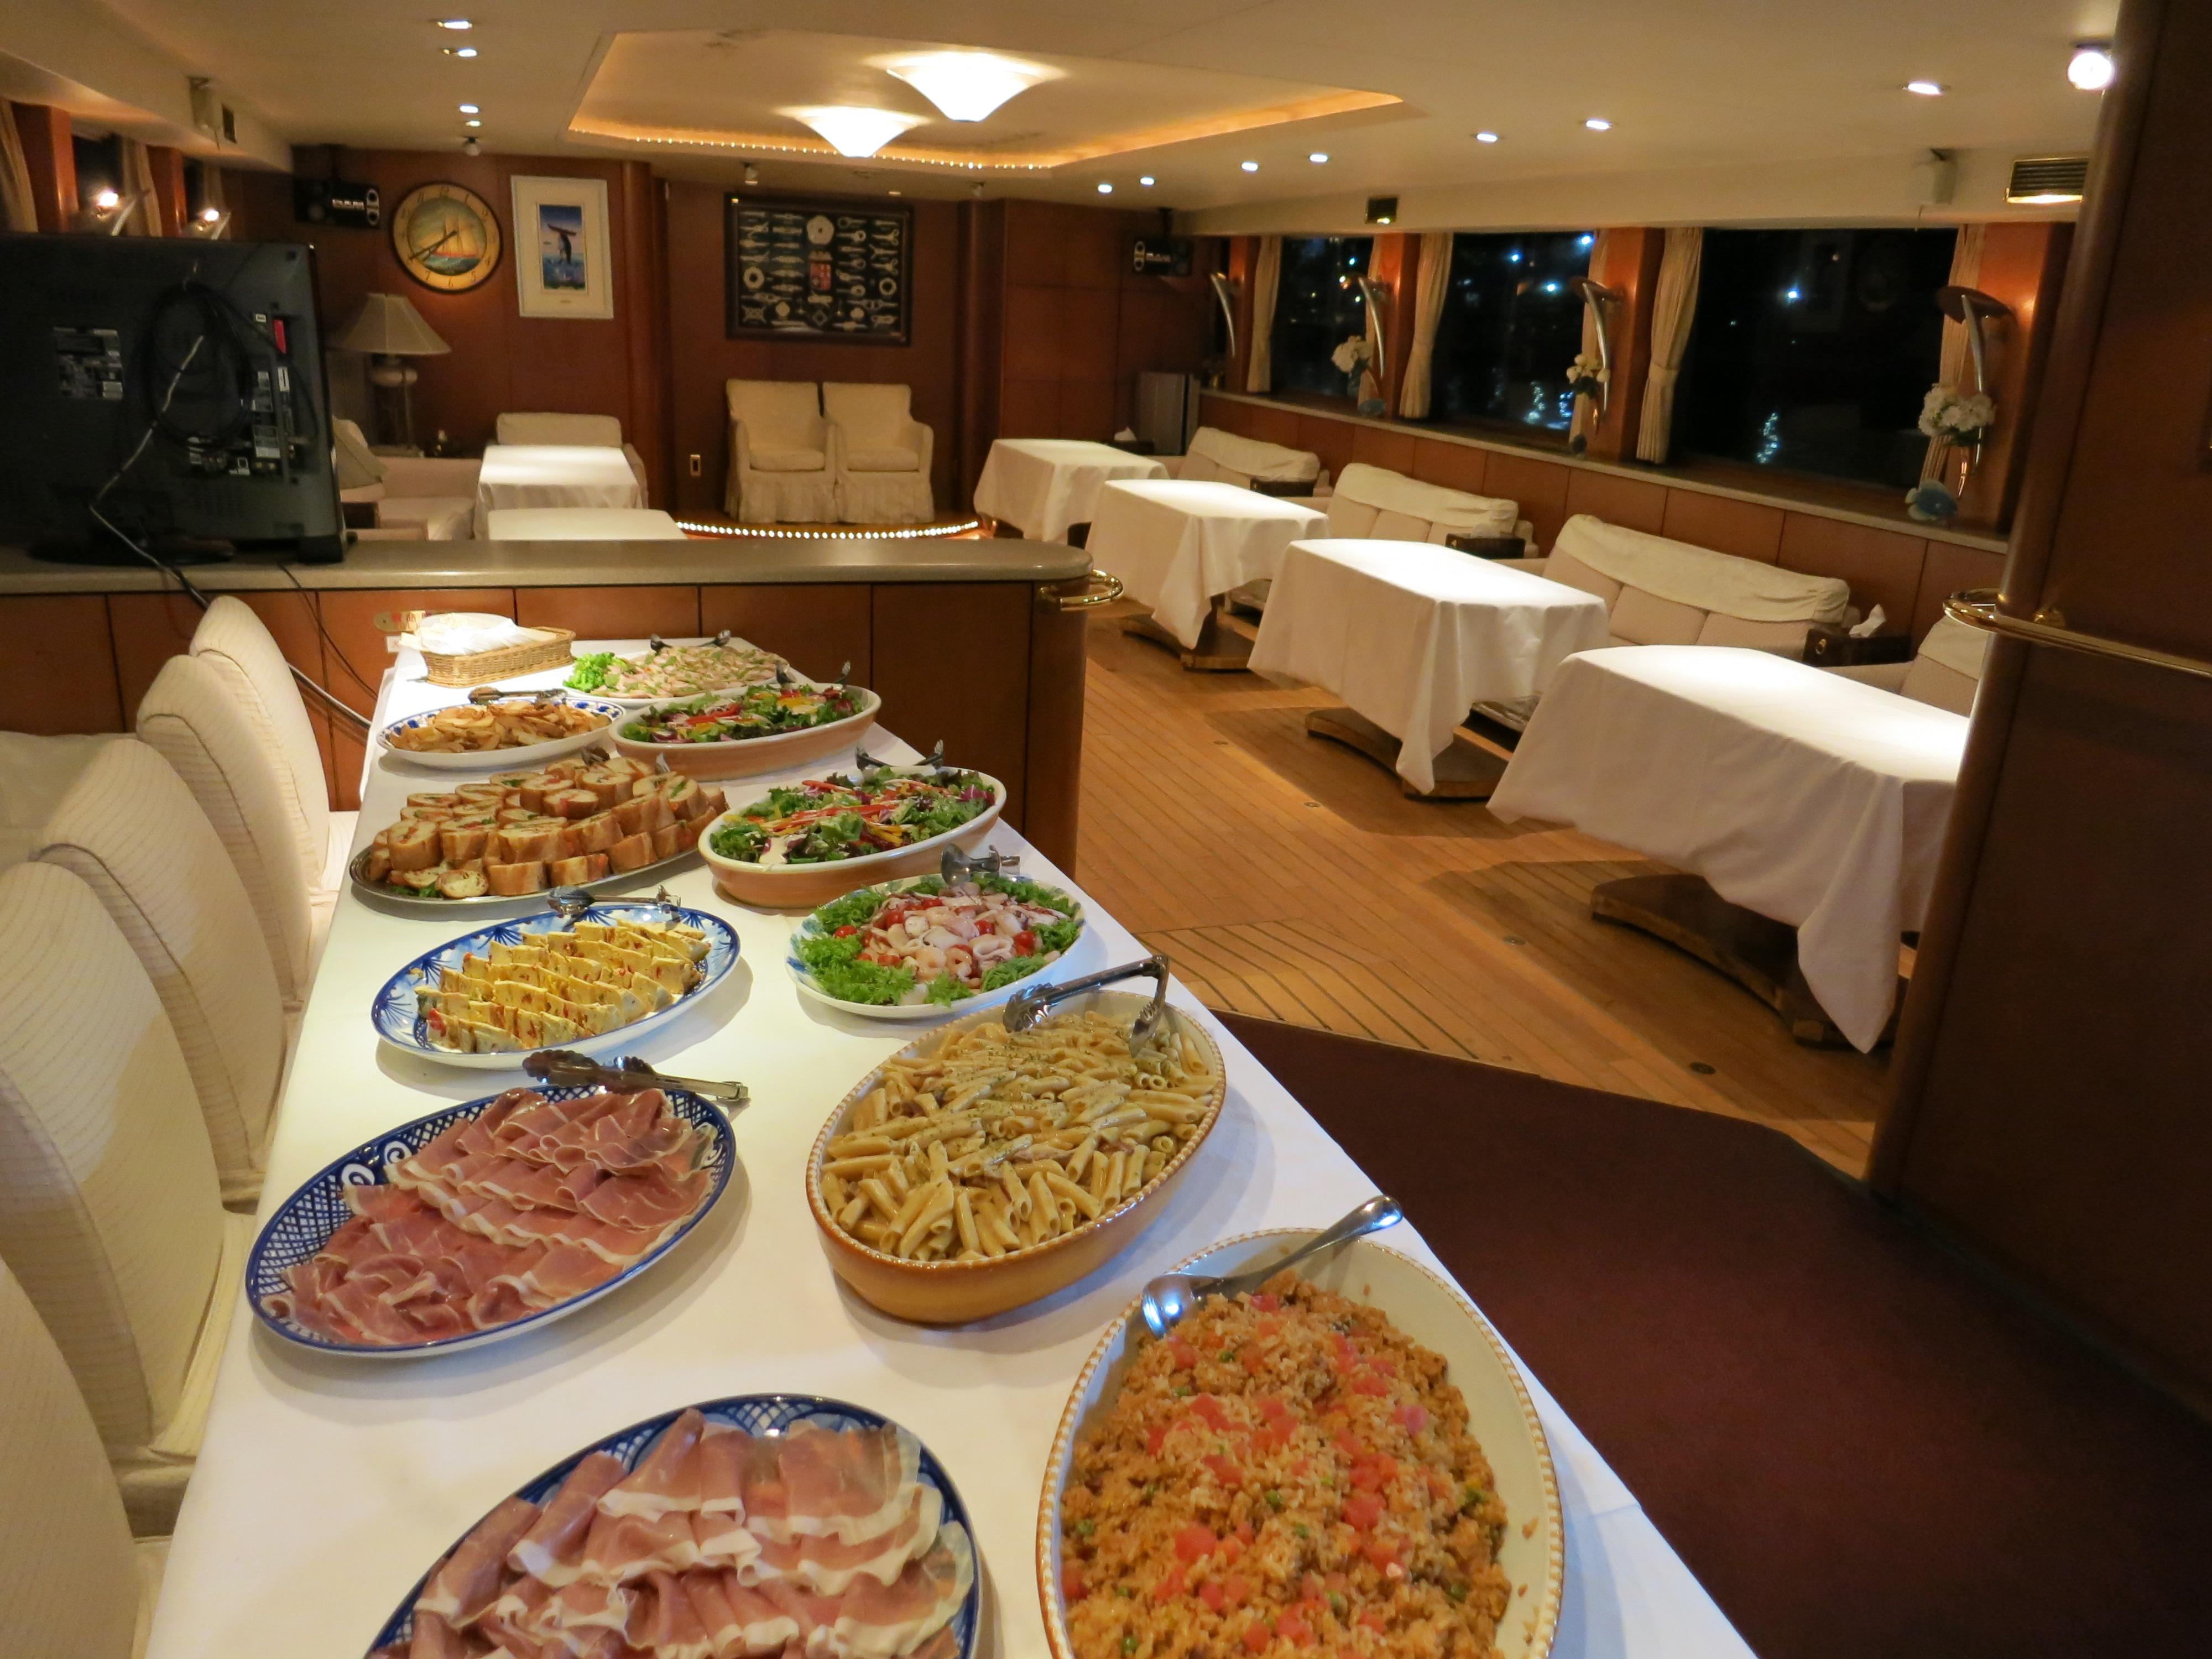 ビュッフェスタイルの料理が並ぶ船内の会場